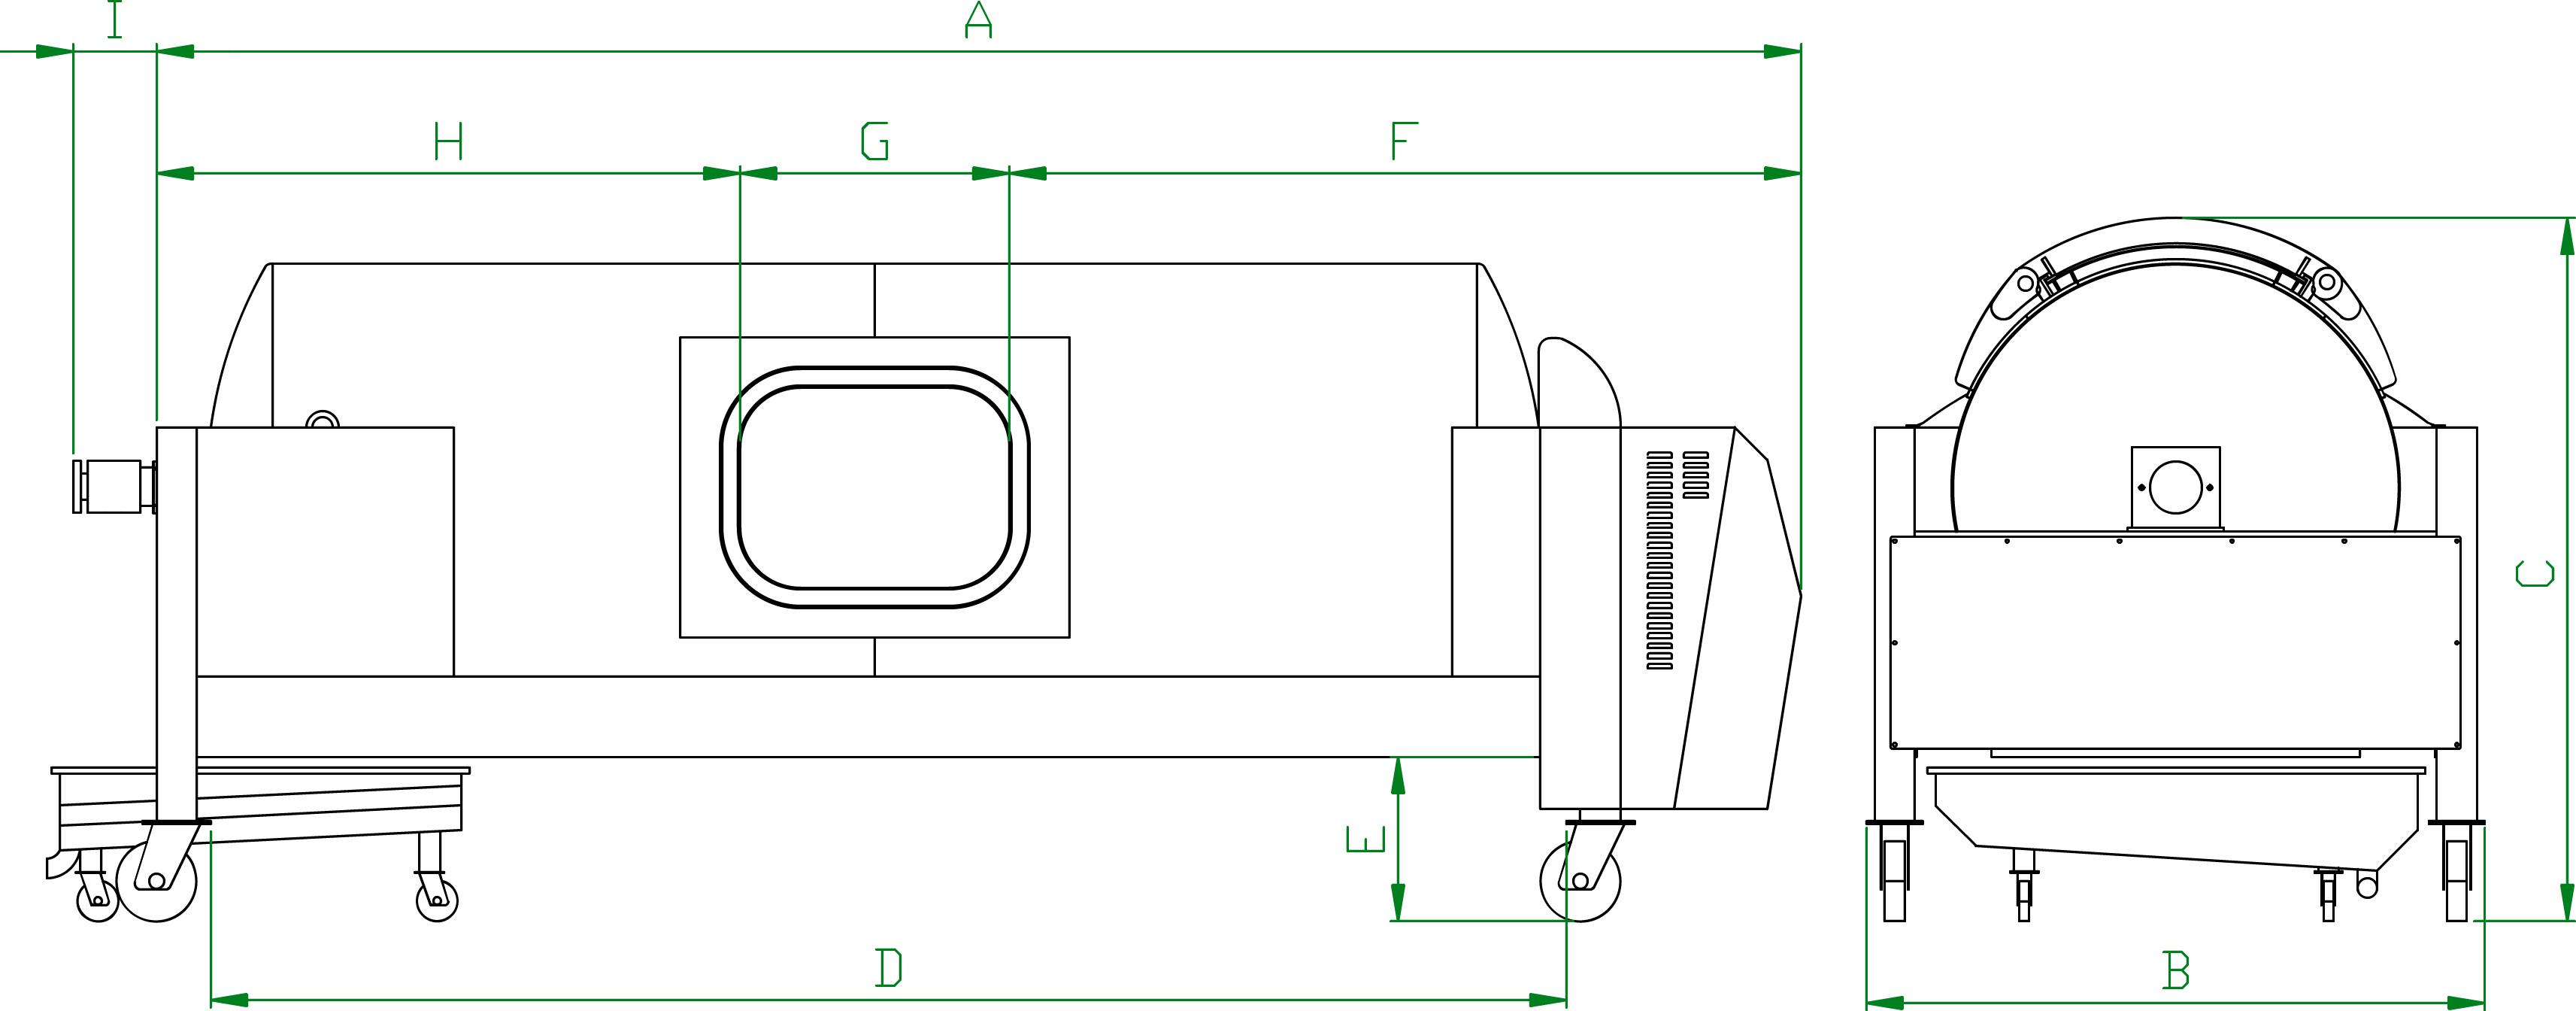 Z:CAD-DatenPNPN30TPG 3000Rahmen TPG 3000 Standart.dwg